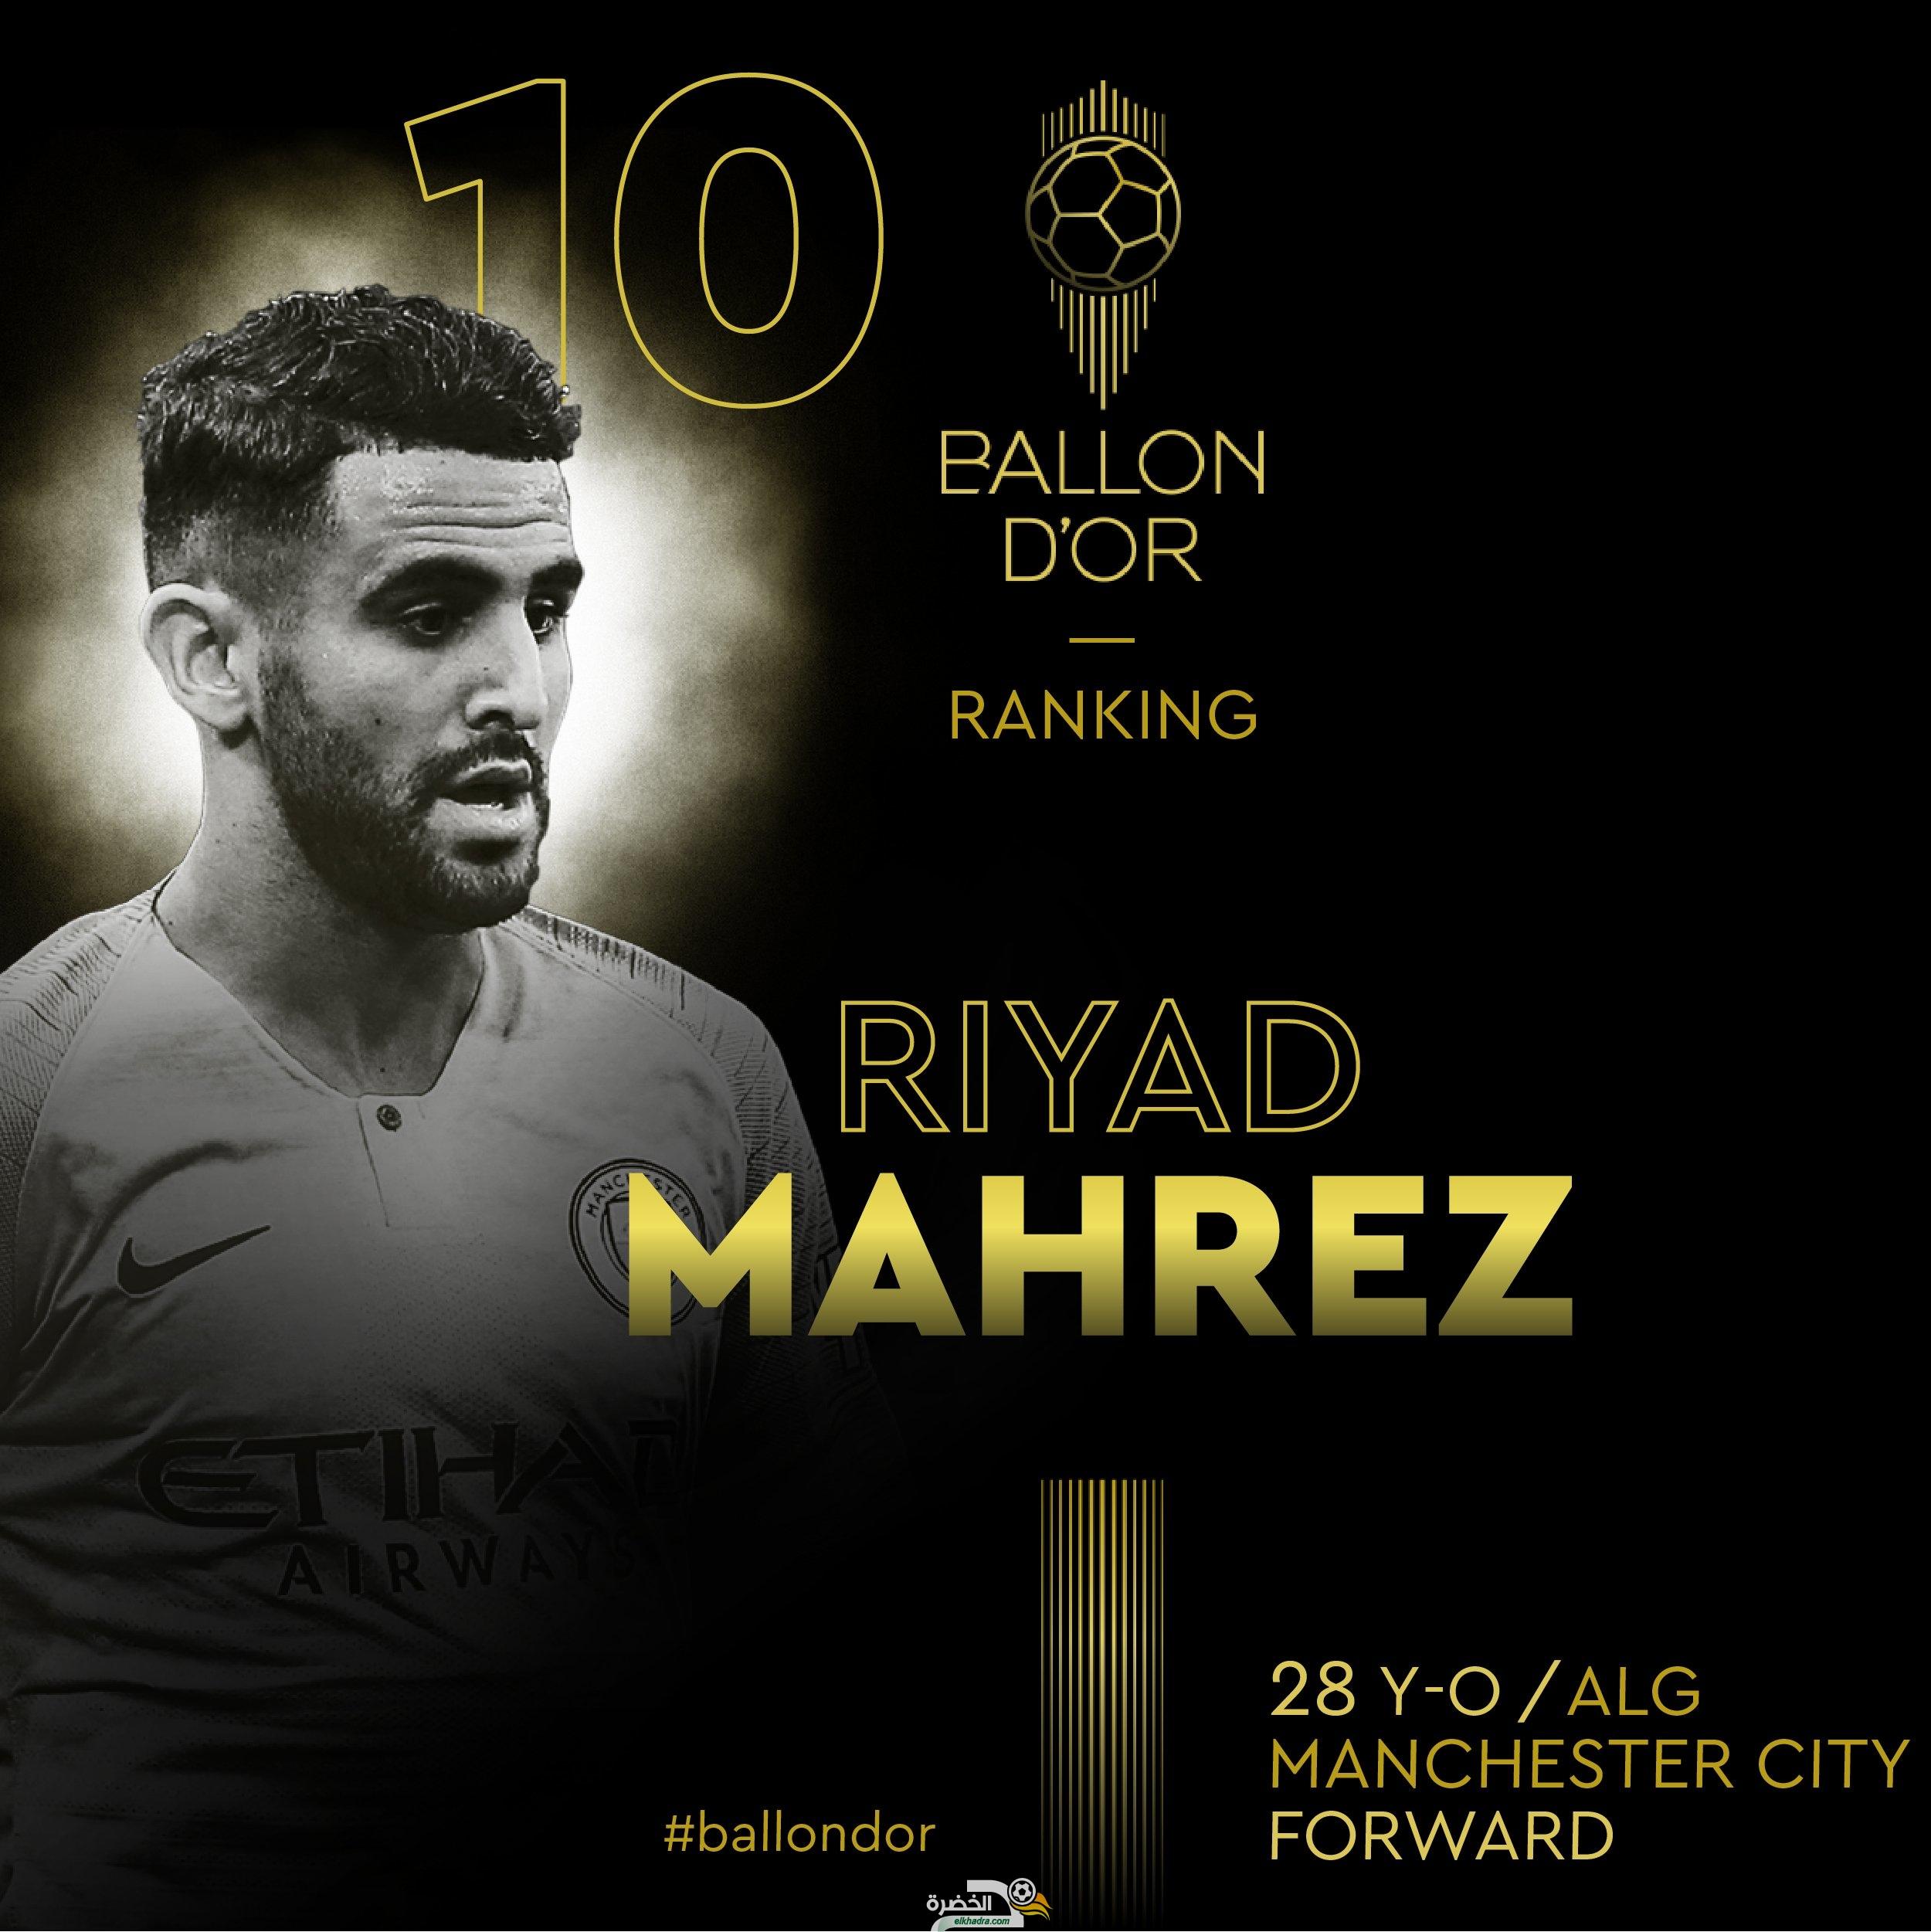 رياض محرز عاشر أفضل في لاعب العالم في جائزة الكرة الذهبية لسنة 2019 33